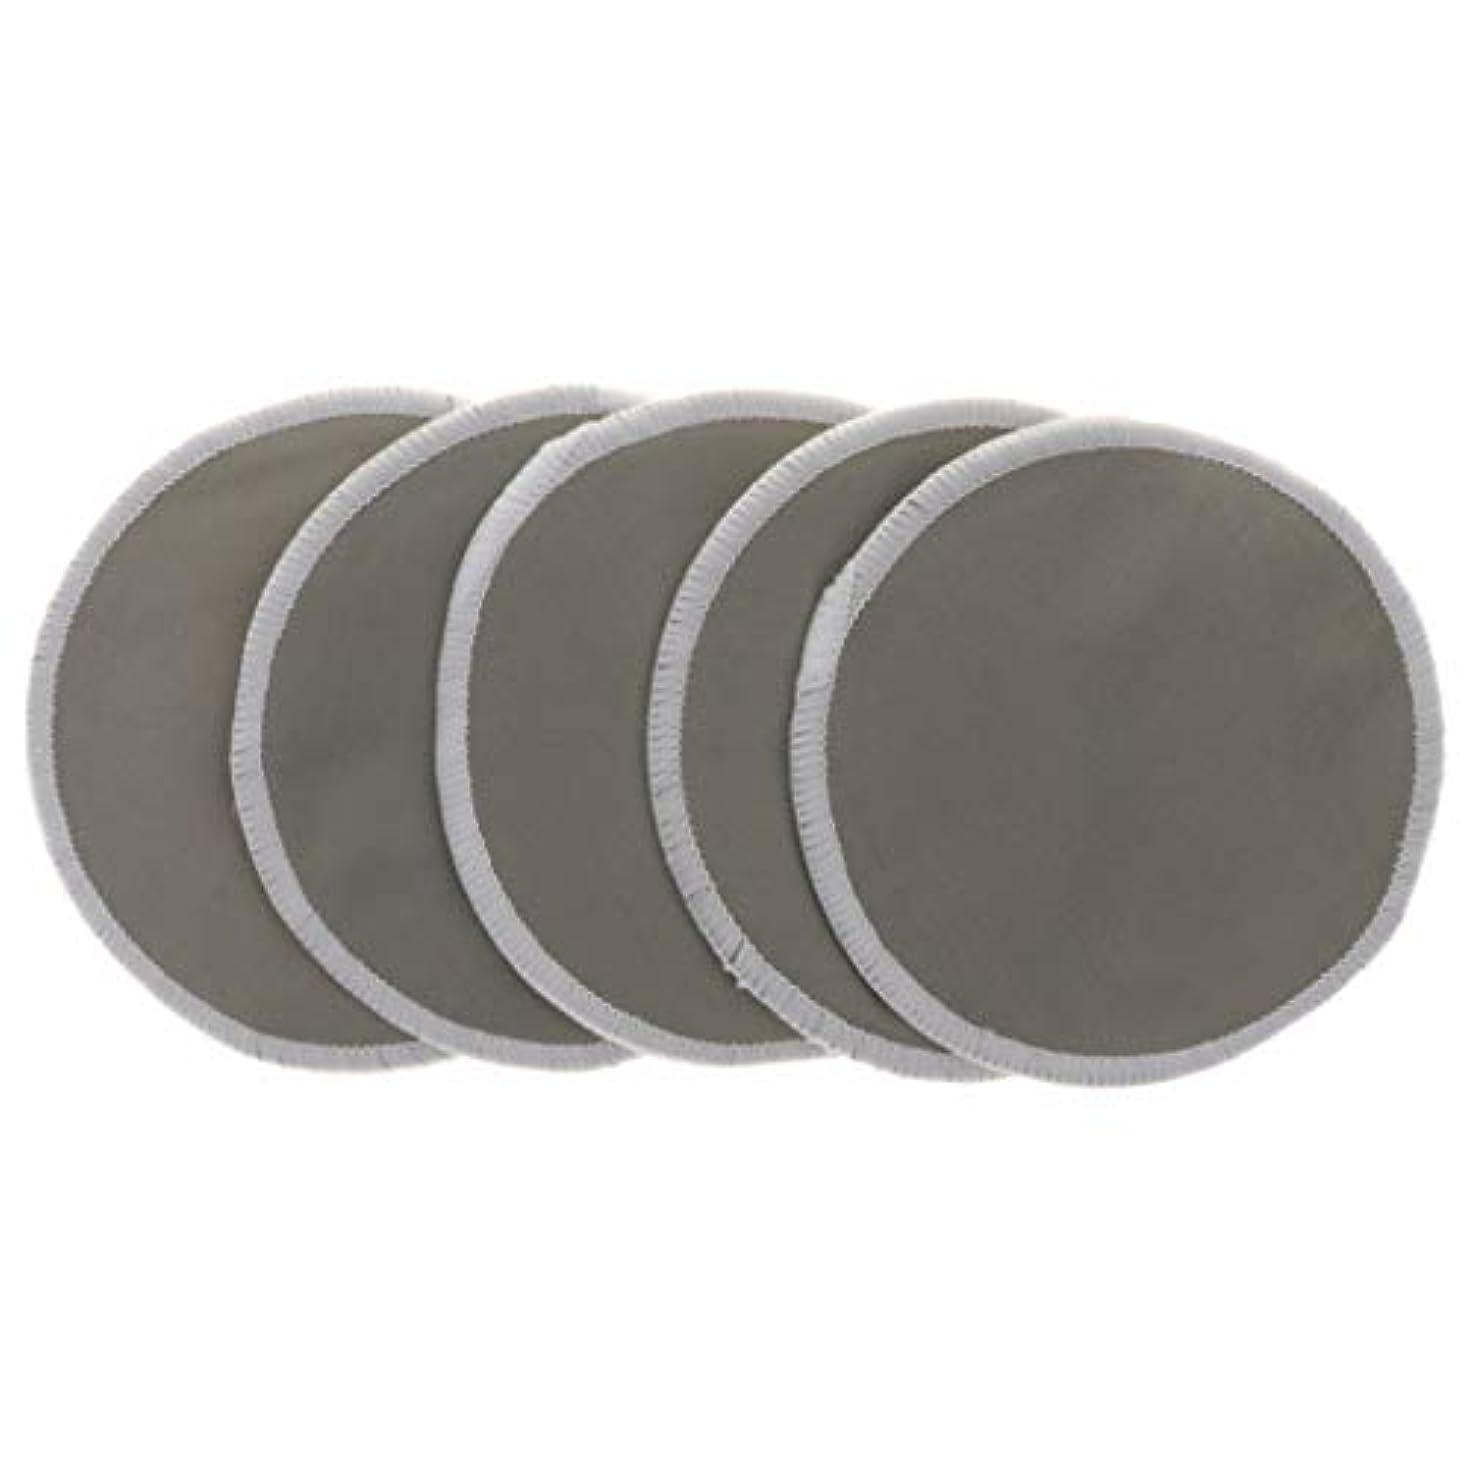 欺く最初に促進するB Blesiya 12cm 胸パッド クレンジングシート 化粧水パッド 竹繊維 円形 洗える 通気性 5個 全5色 - グレー